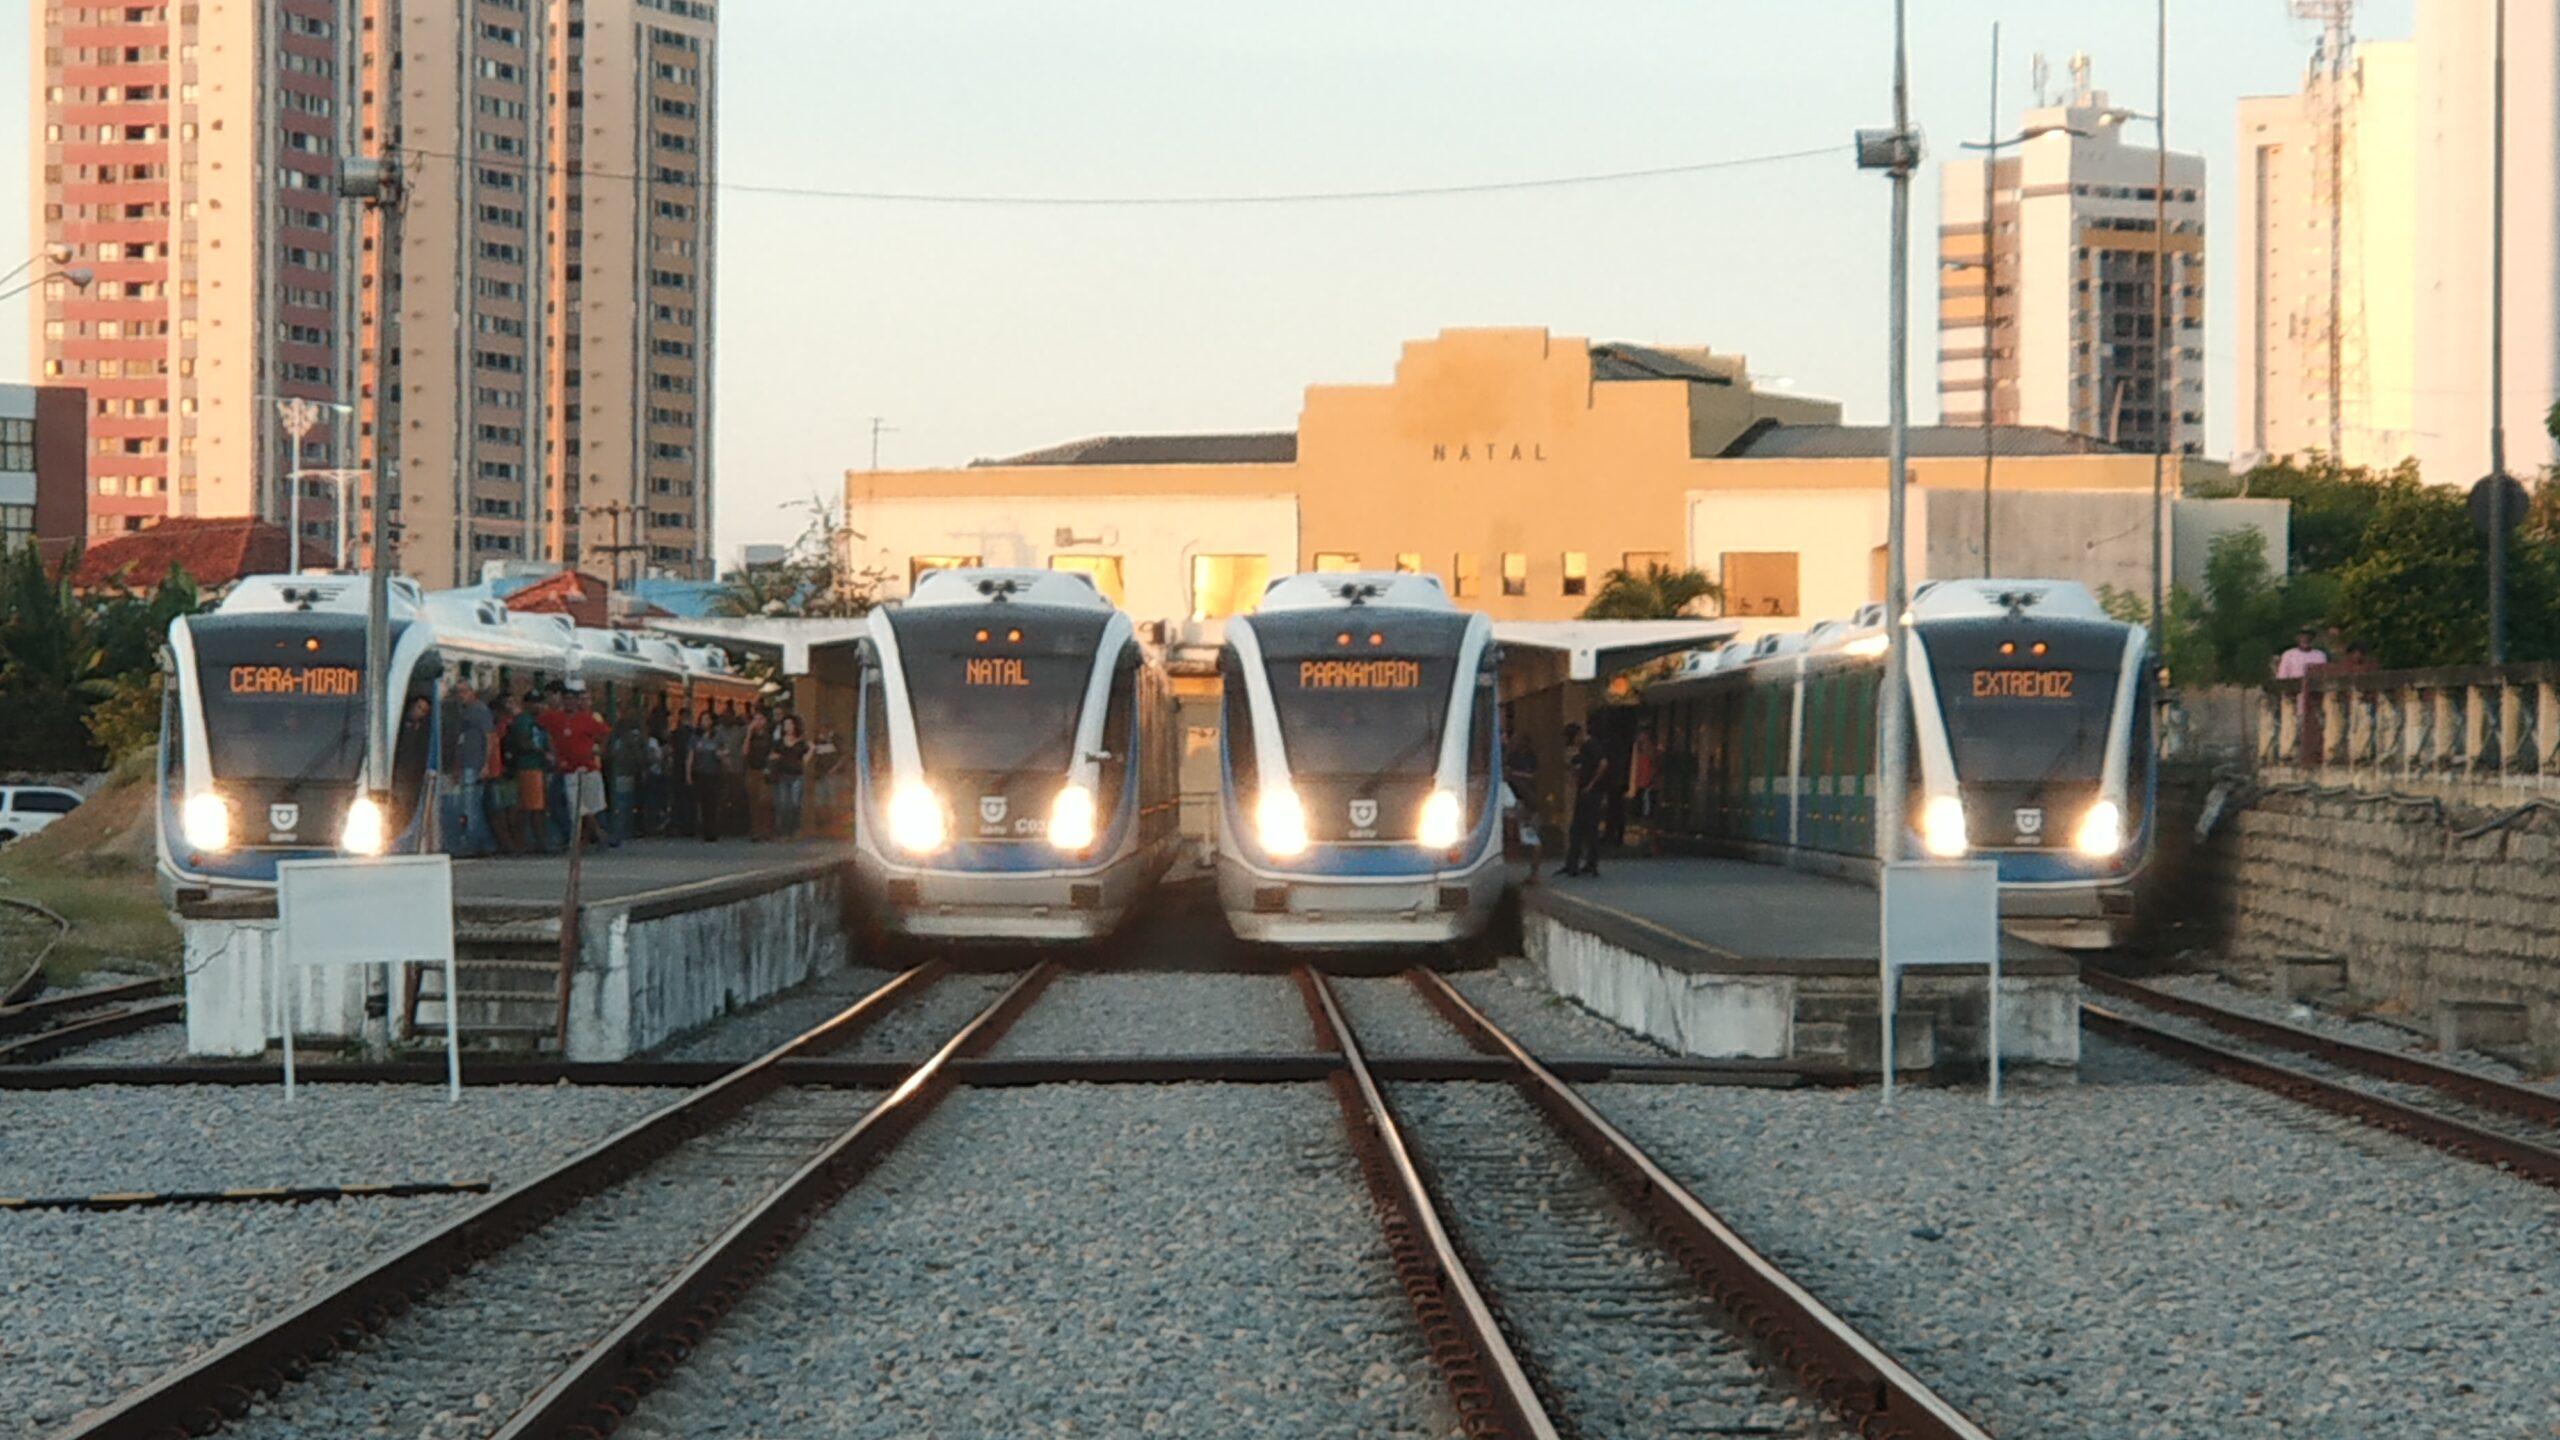 Trens urbanos de Natal irão circular normalmente entre os dias 15 e 17